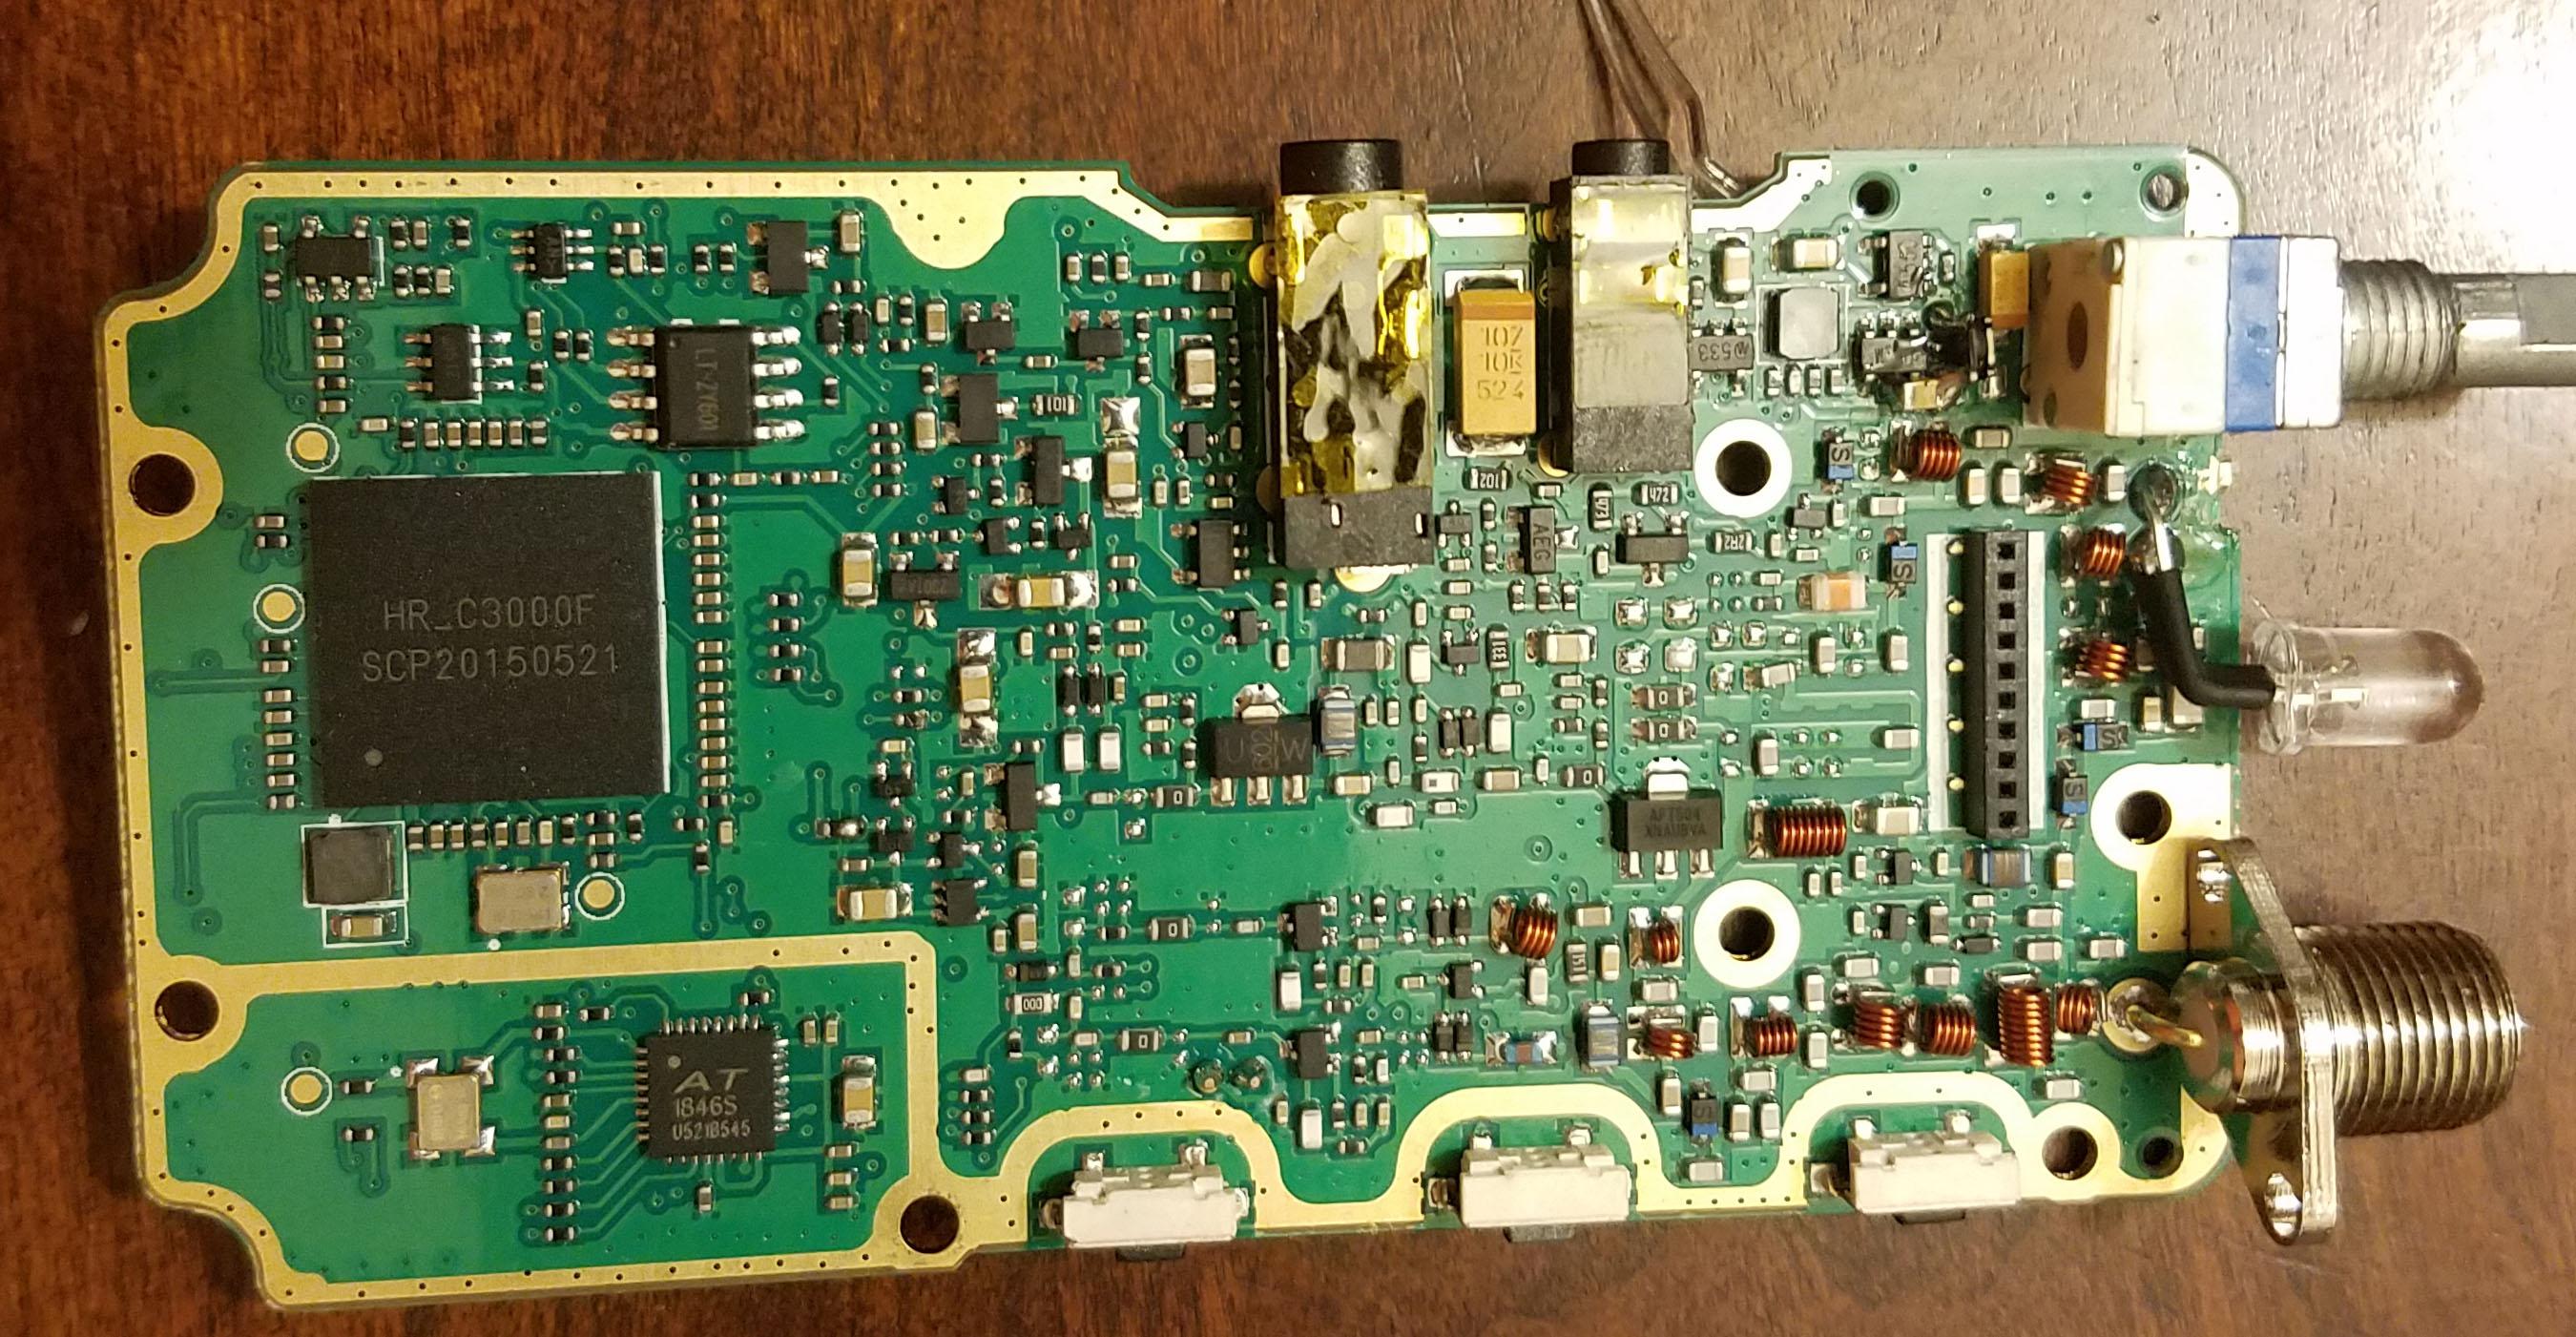 http://www.hamradio.cc/images/forum/repairs/baofeng_dmr-5r_circuit_top.jpg